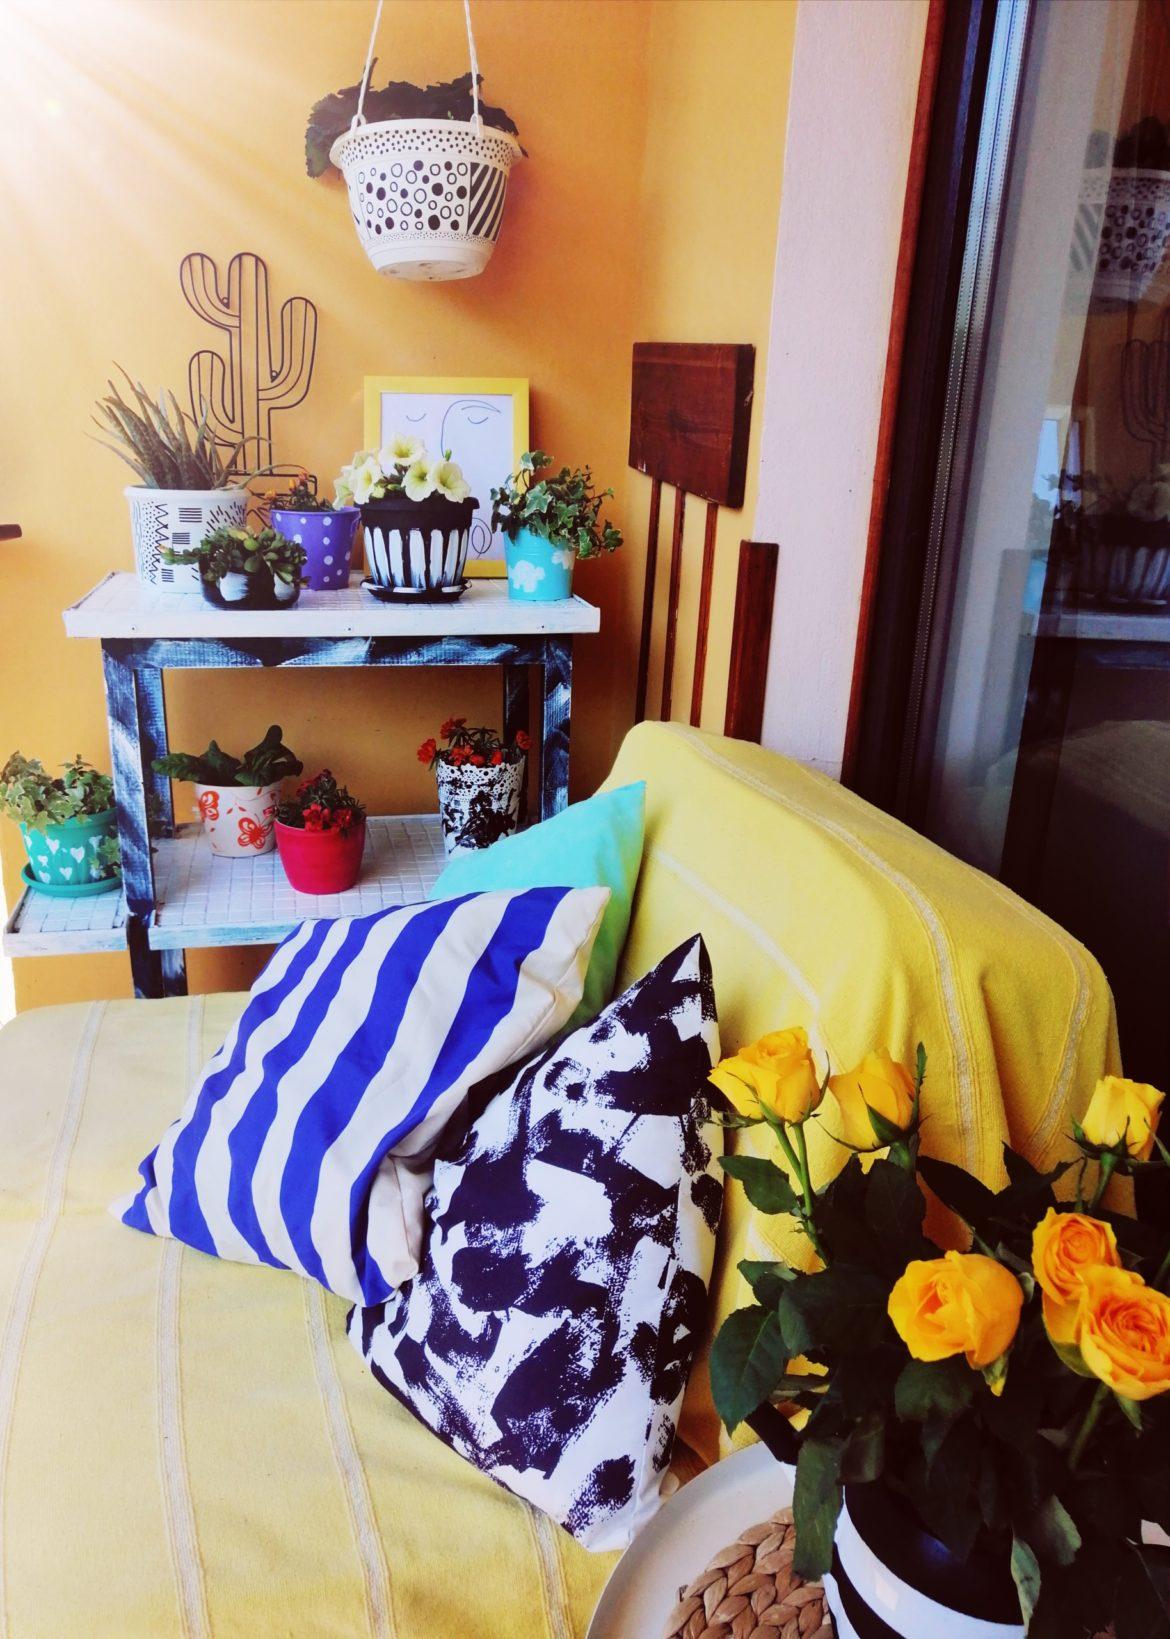 Stare tegle pretvorite u unikatne ukrase vašeg doma